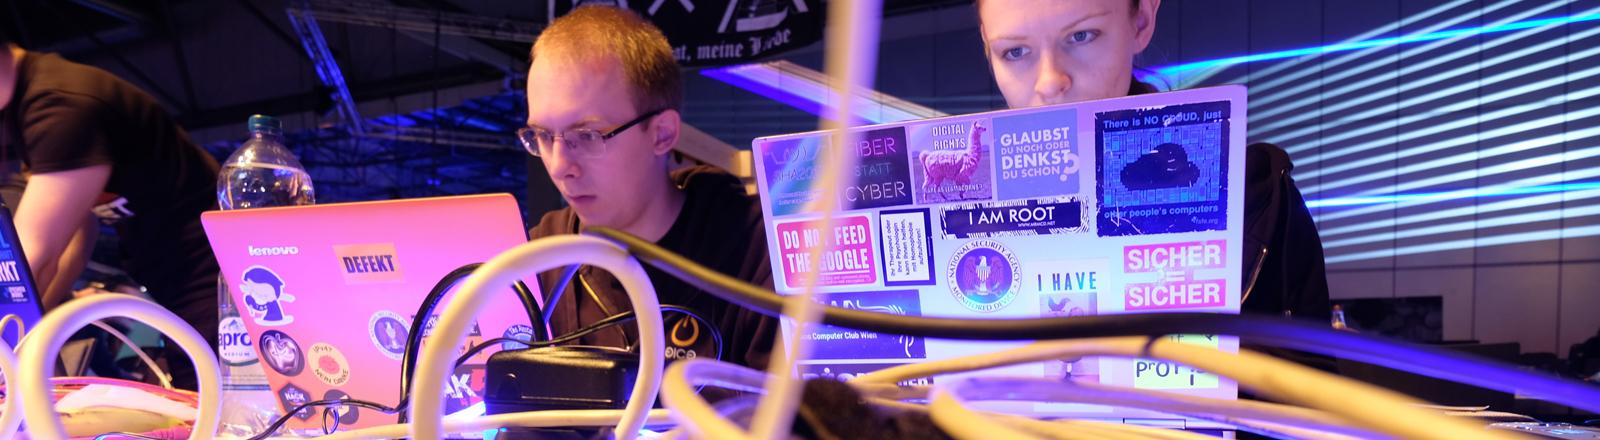 Teilnehmer des Chaos Communication Congress an ihren laptops